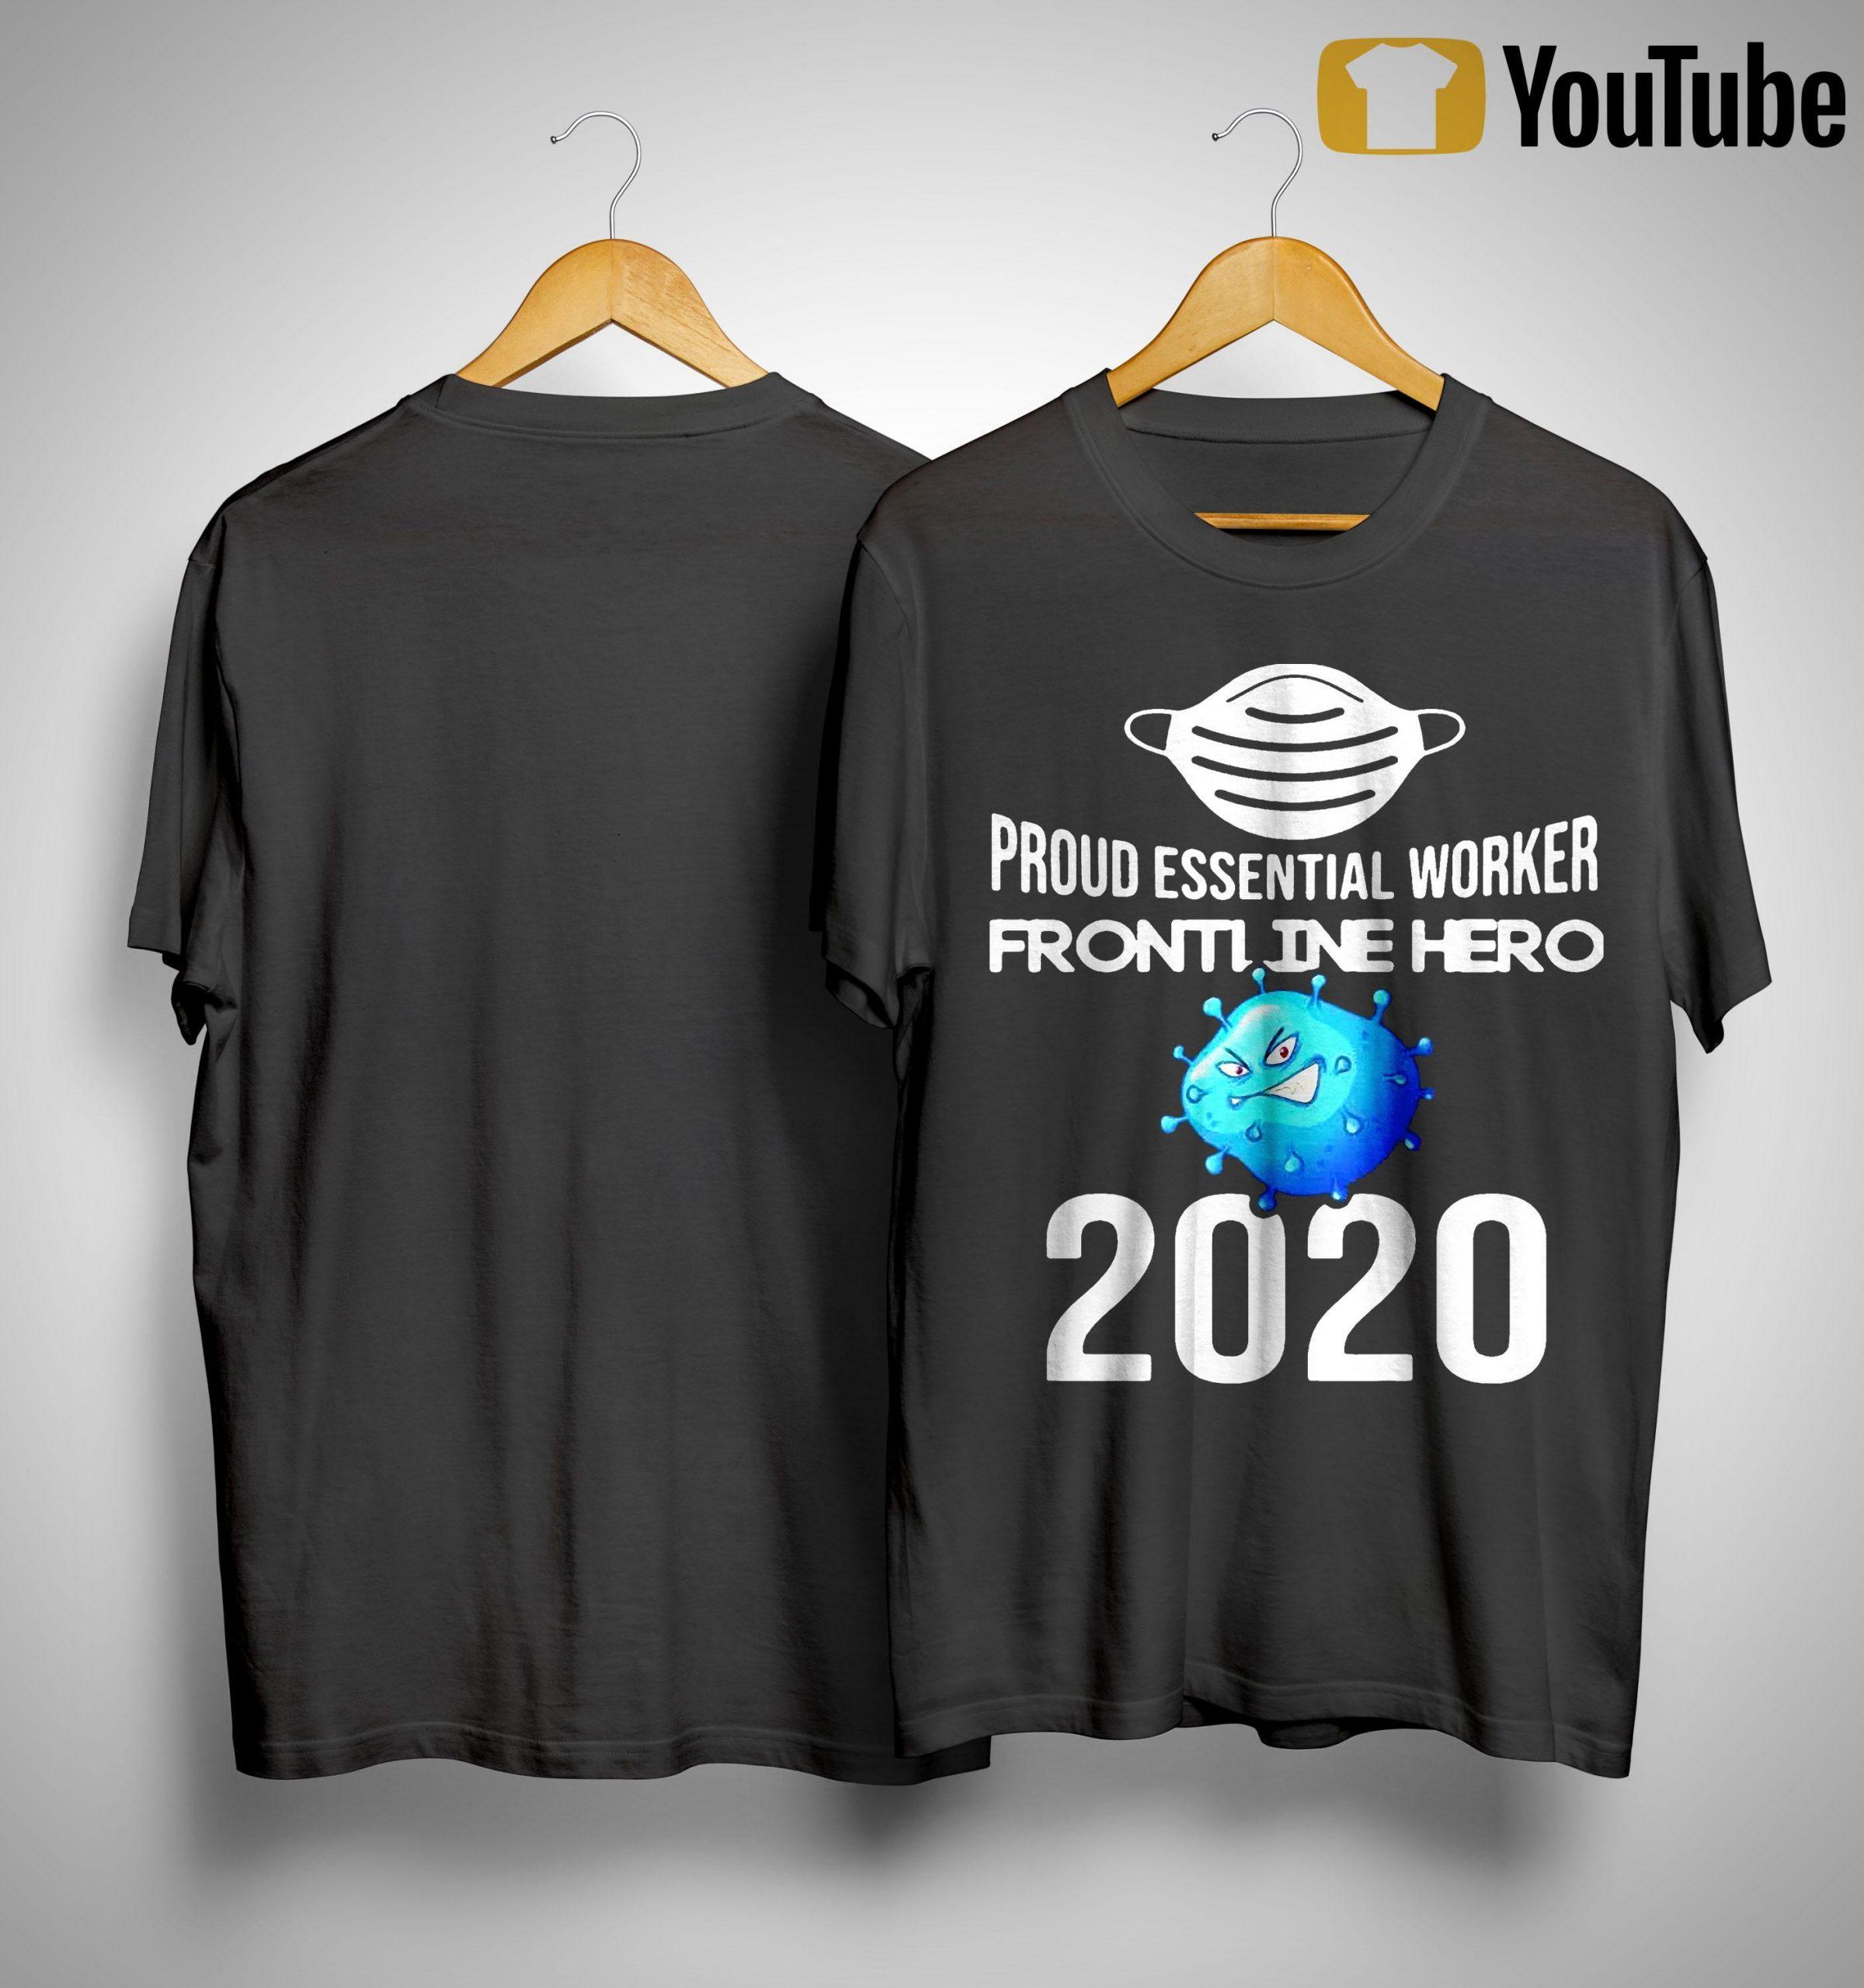 Proud Essential Worker Frontline Hero 2020 Shirt